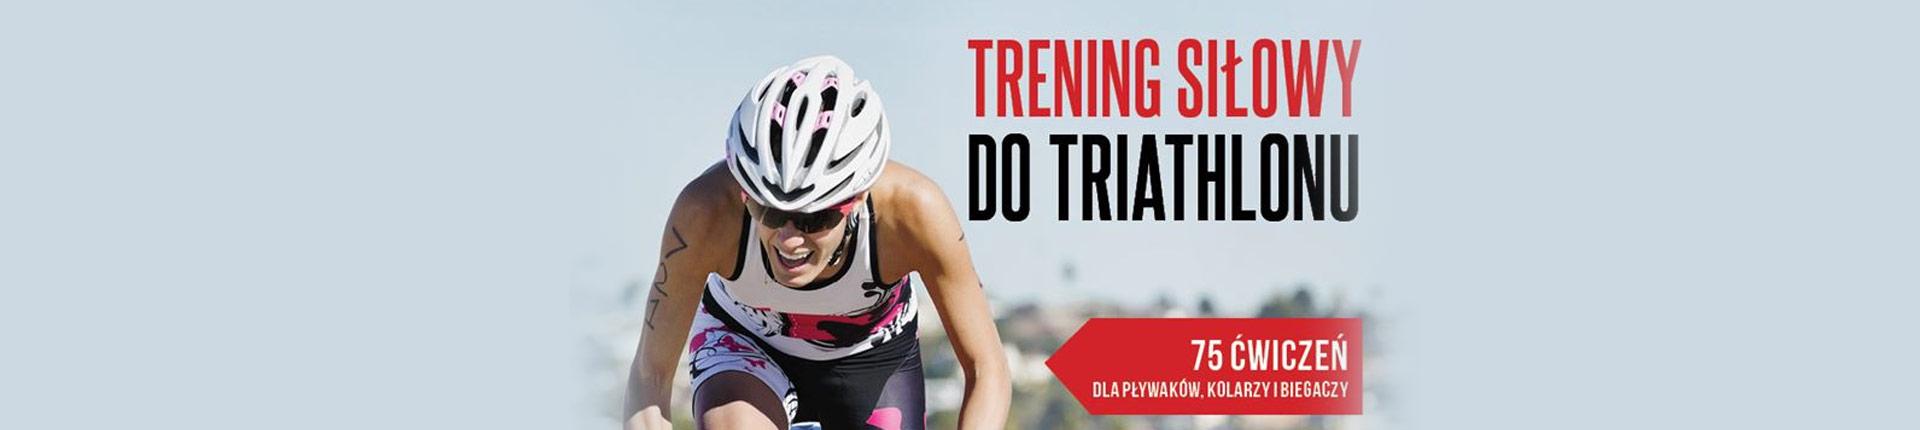 Trening siłowy do triathlonu - wspomaganie przygotowań.